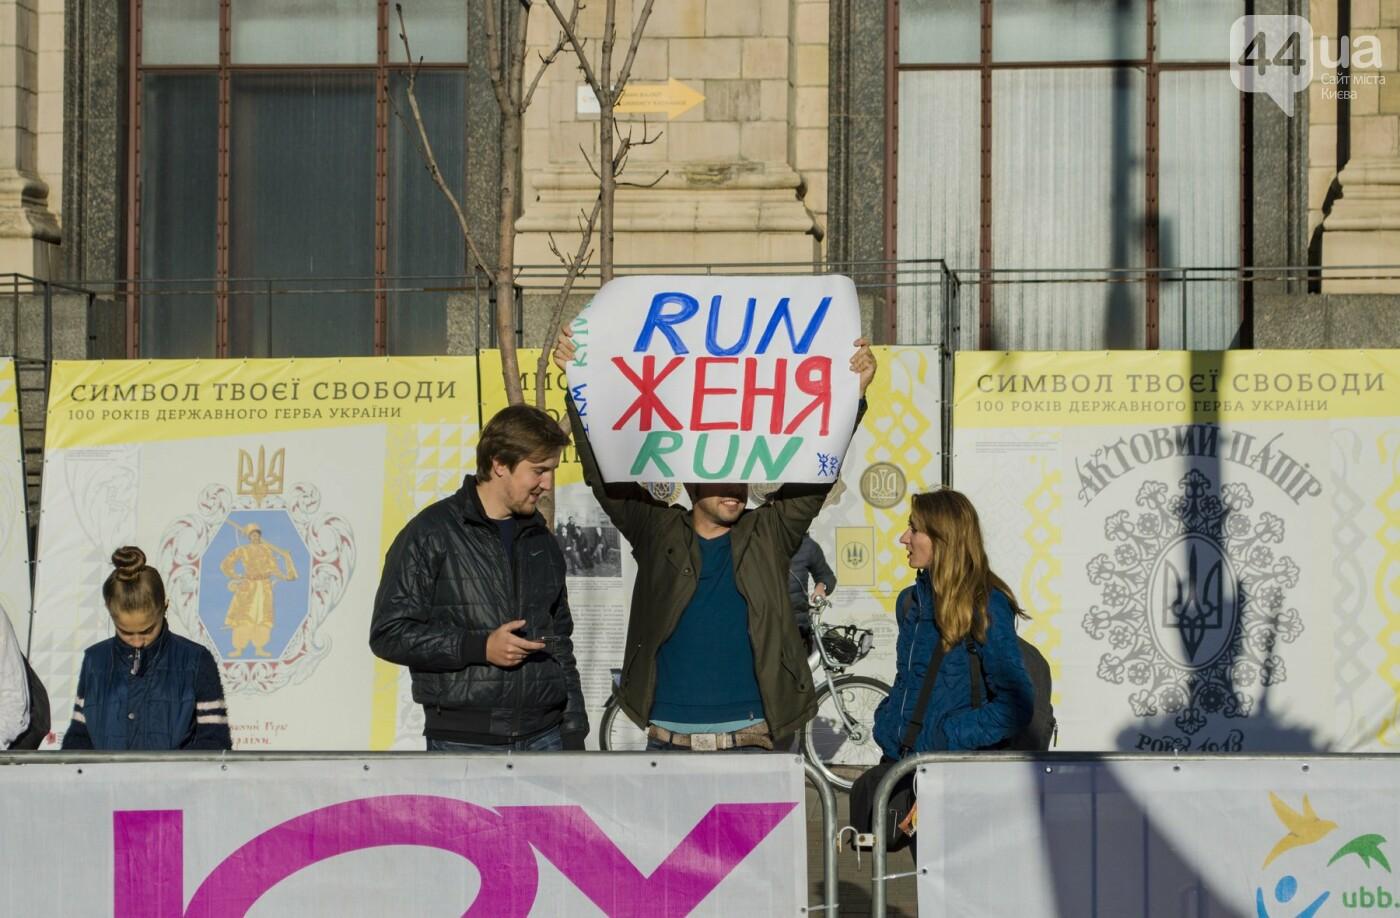 В центре Киева тысячи семей, детей и воинов АТО пробежали марафон, - ФОТОРЕПОРТАЖ, фото-30